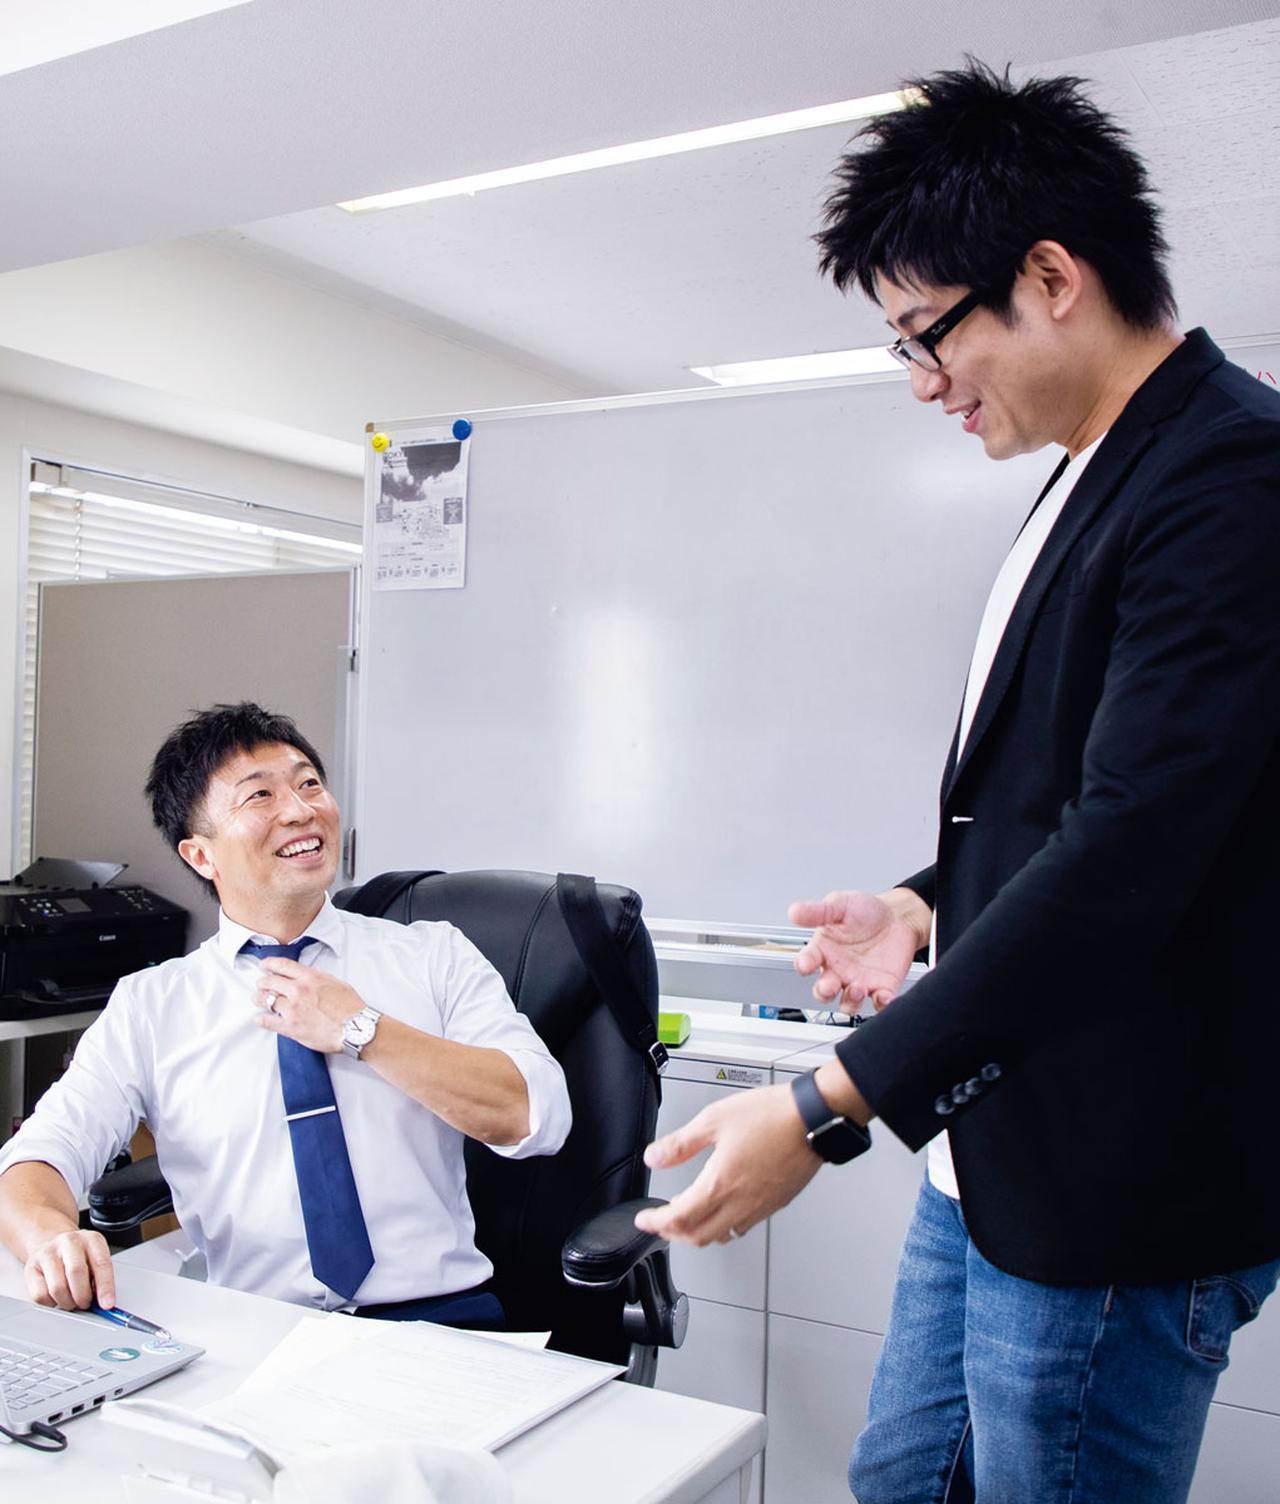 画像: 勤務先の代表取締役・木下さんとは長年の友人関係。仕事のことはもちろん、即応予備自衛官になりたいという希望も、何でも相談できる間柄だ